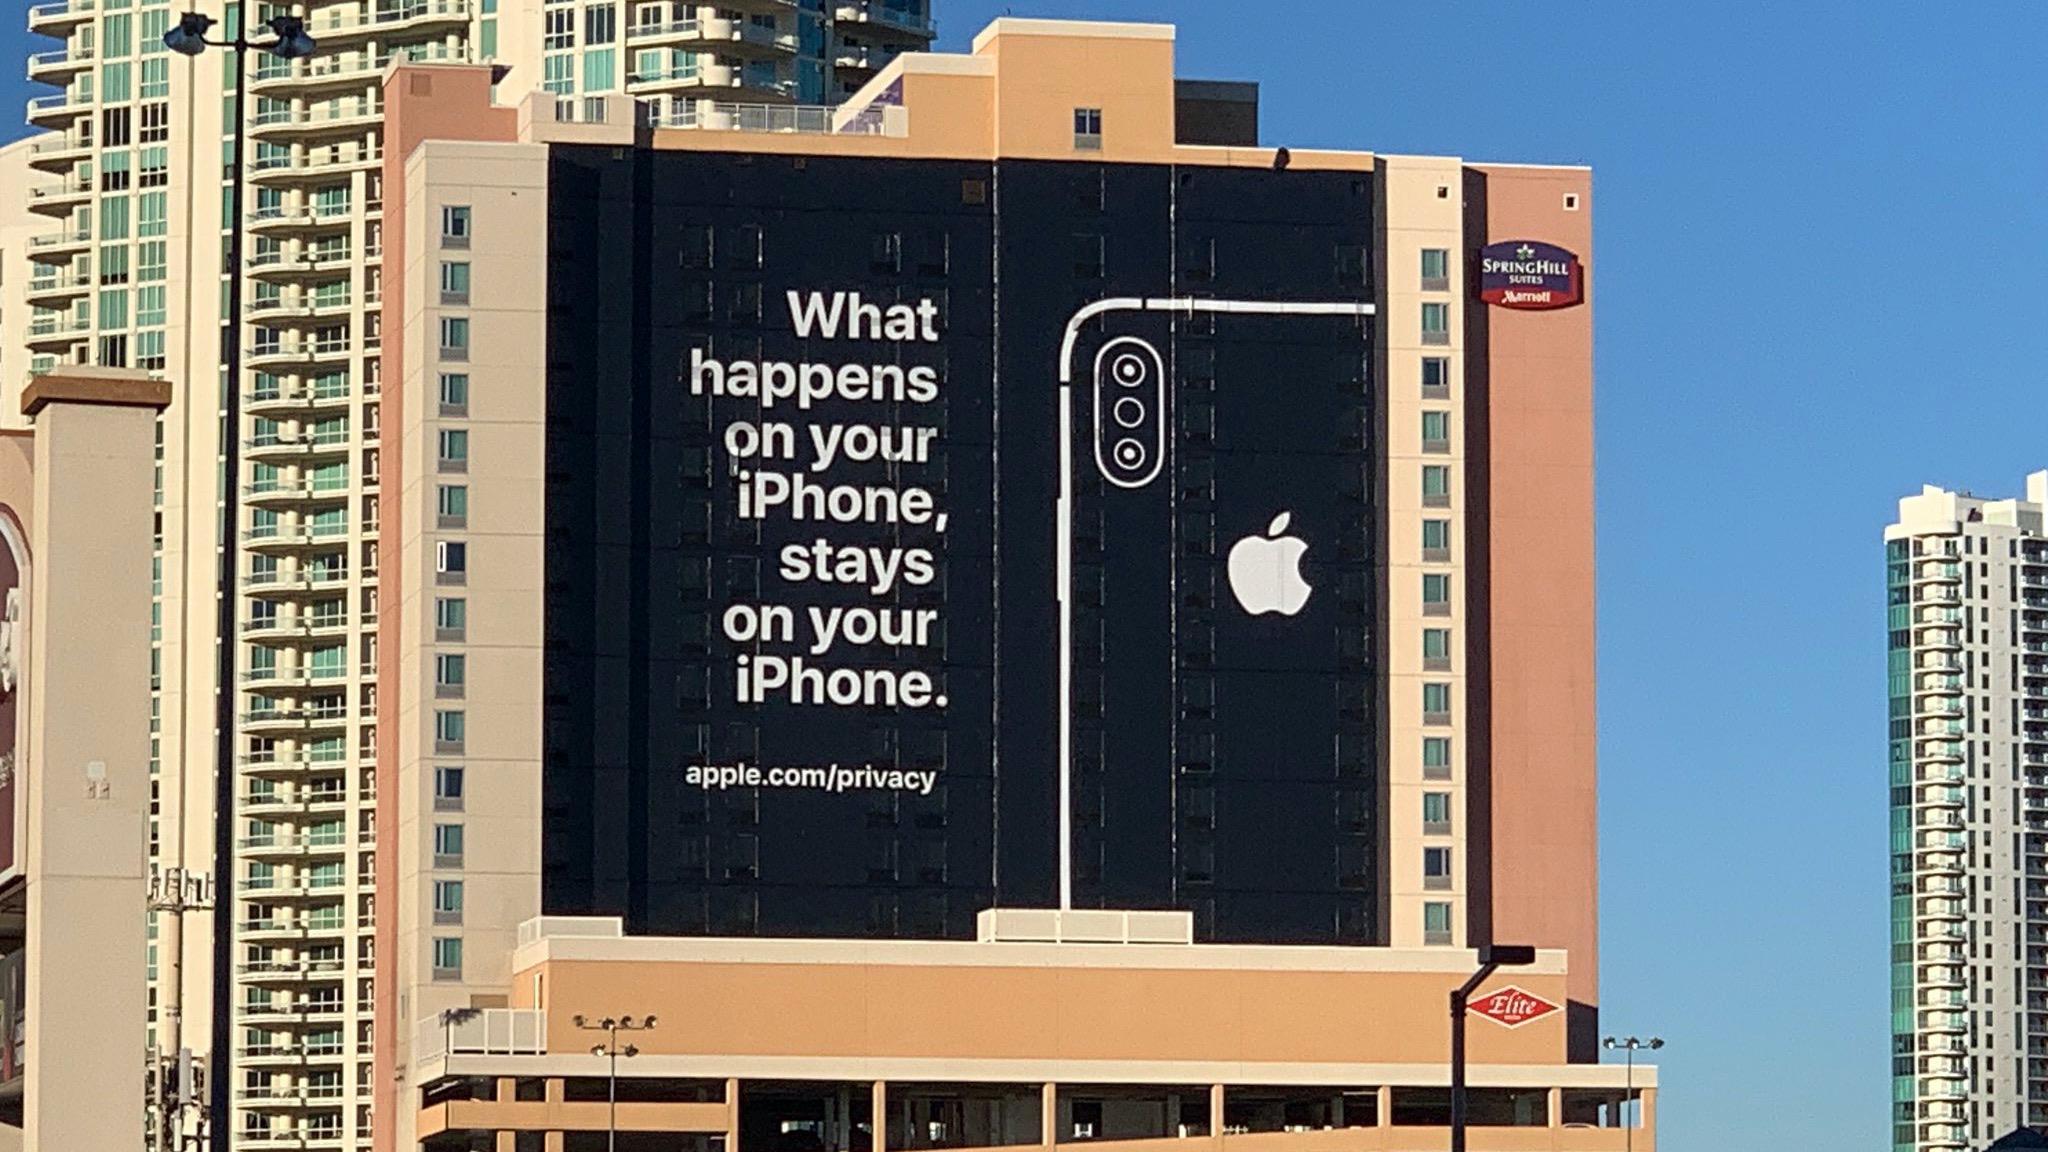 Apple-Werbung auf Hotelwand zu Privatsphäre